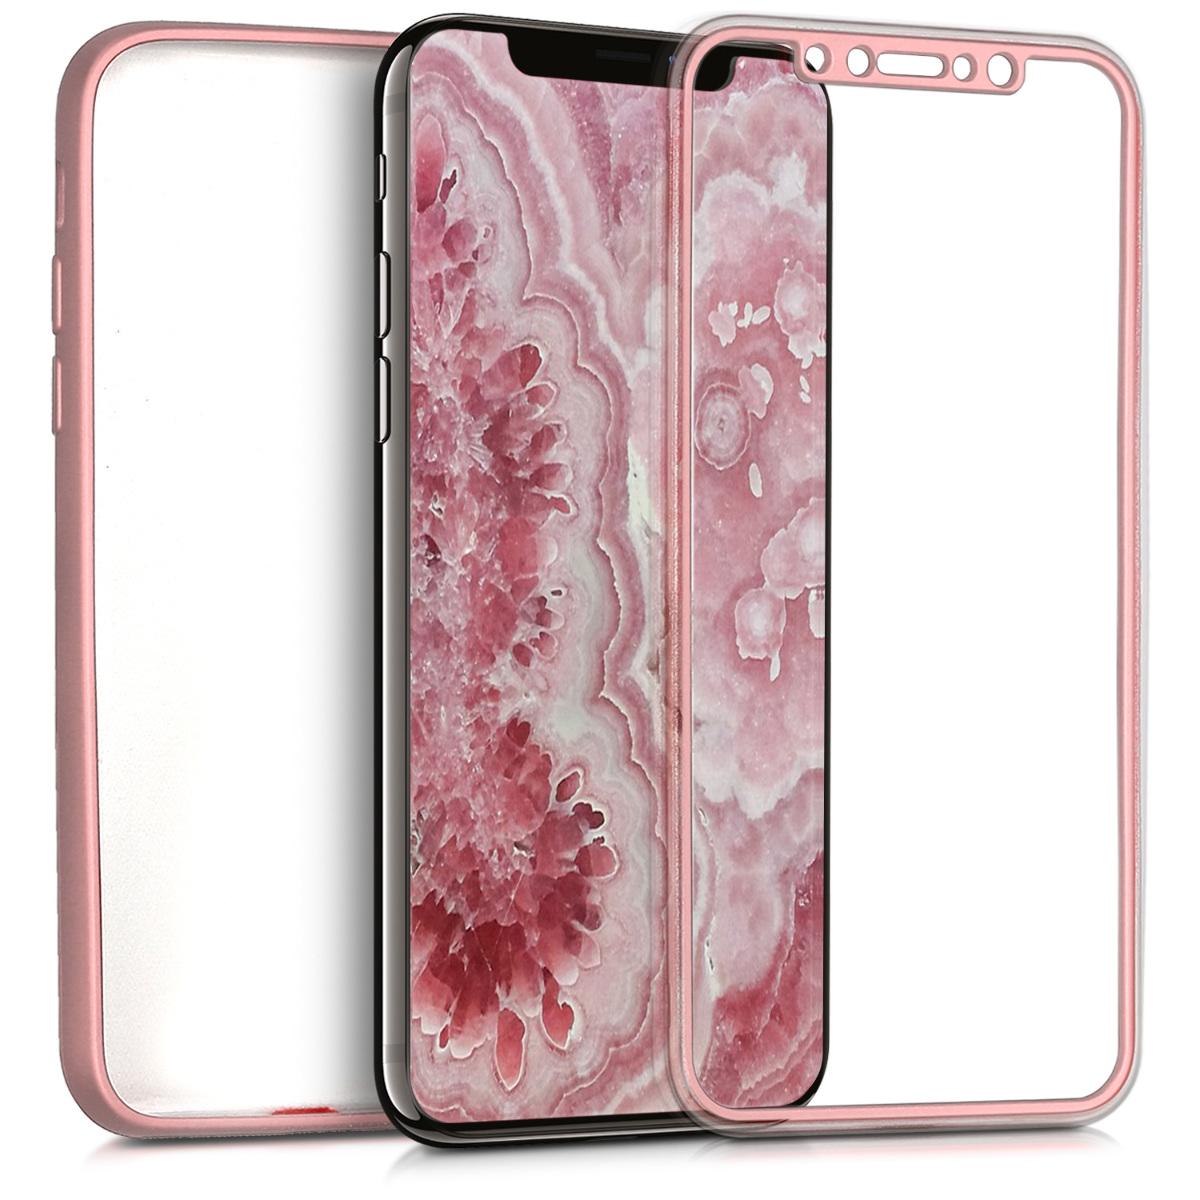 KW Θήκη Σιλικόνης Full Body iPhone X - Μεταλλικό ροζ χαλκινο (42999.31)